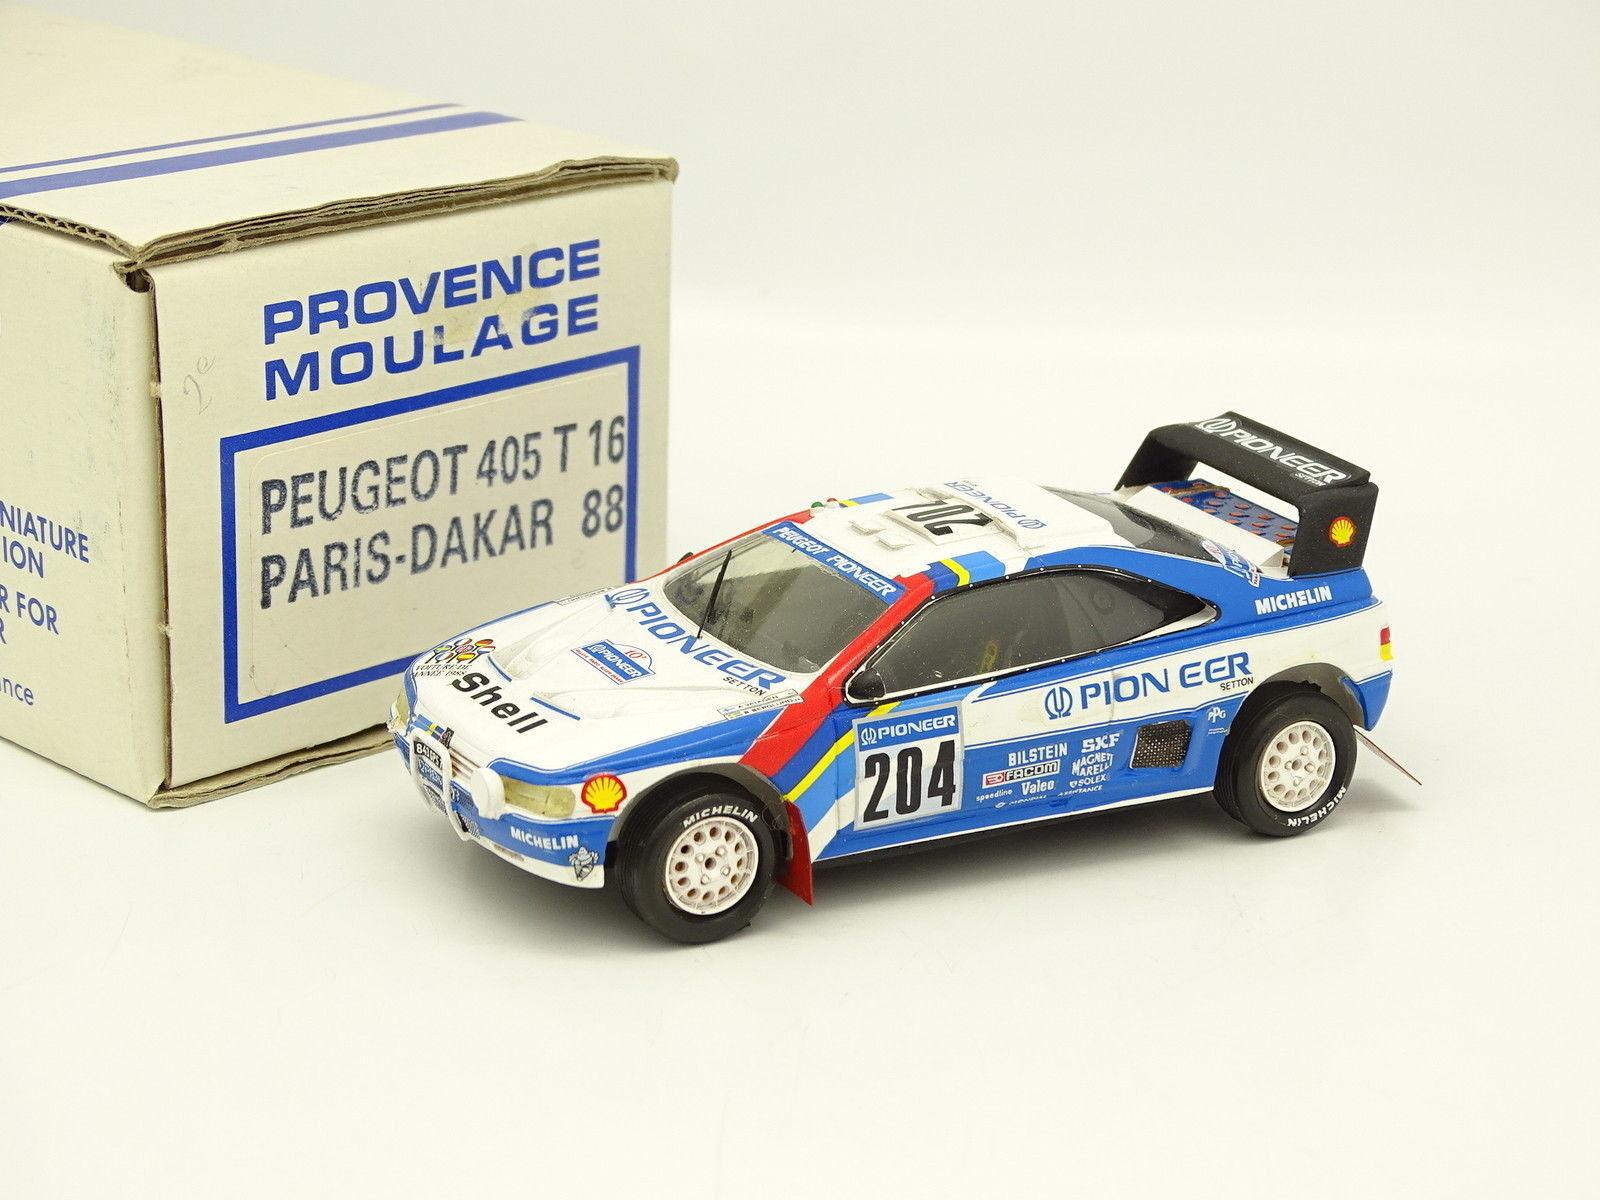 Provence Moulage Kit Monté 1 43 - Peugeot 405 T16 Paris Dakar 1988 Vatanen